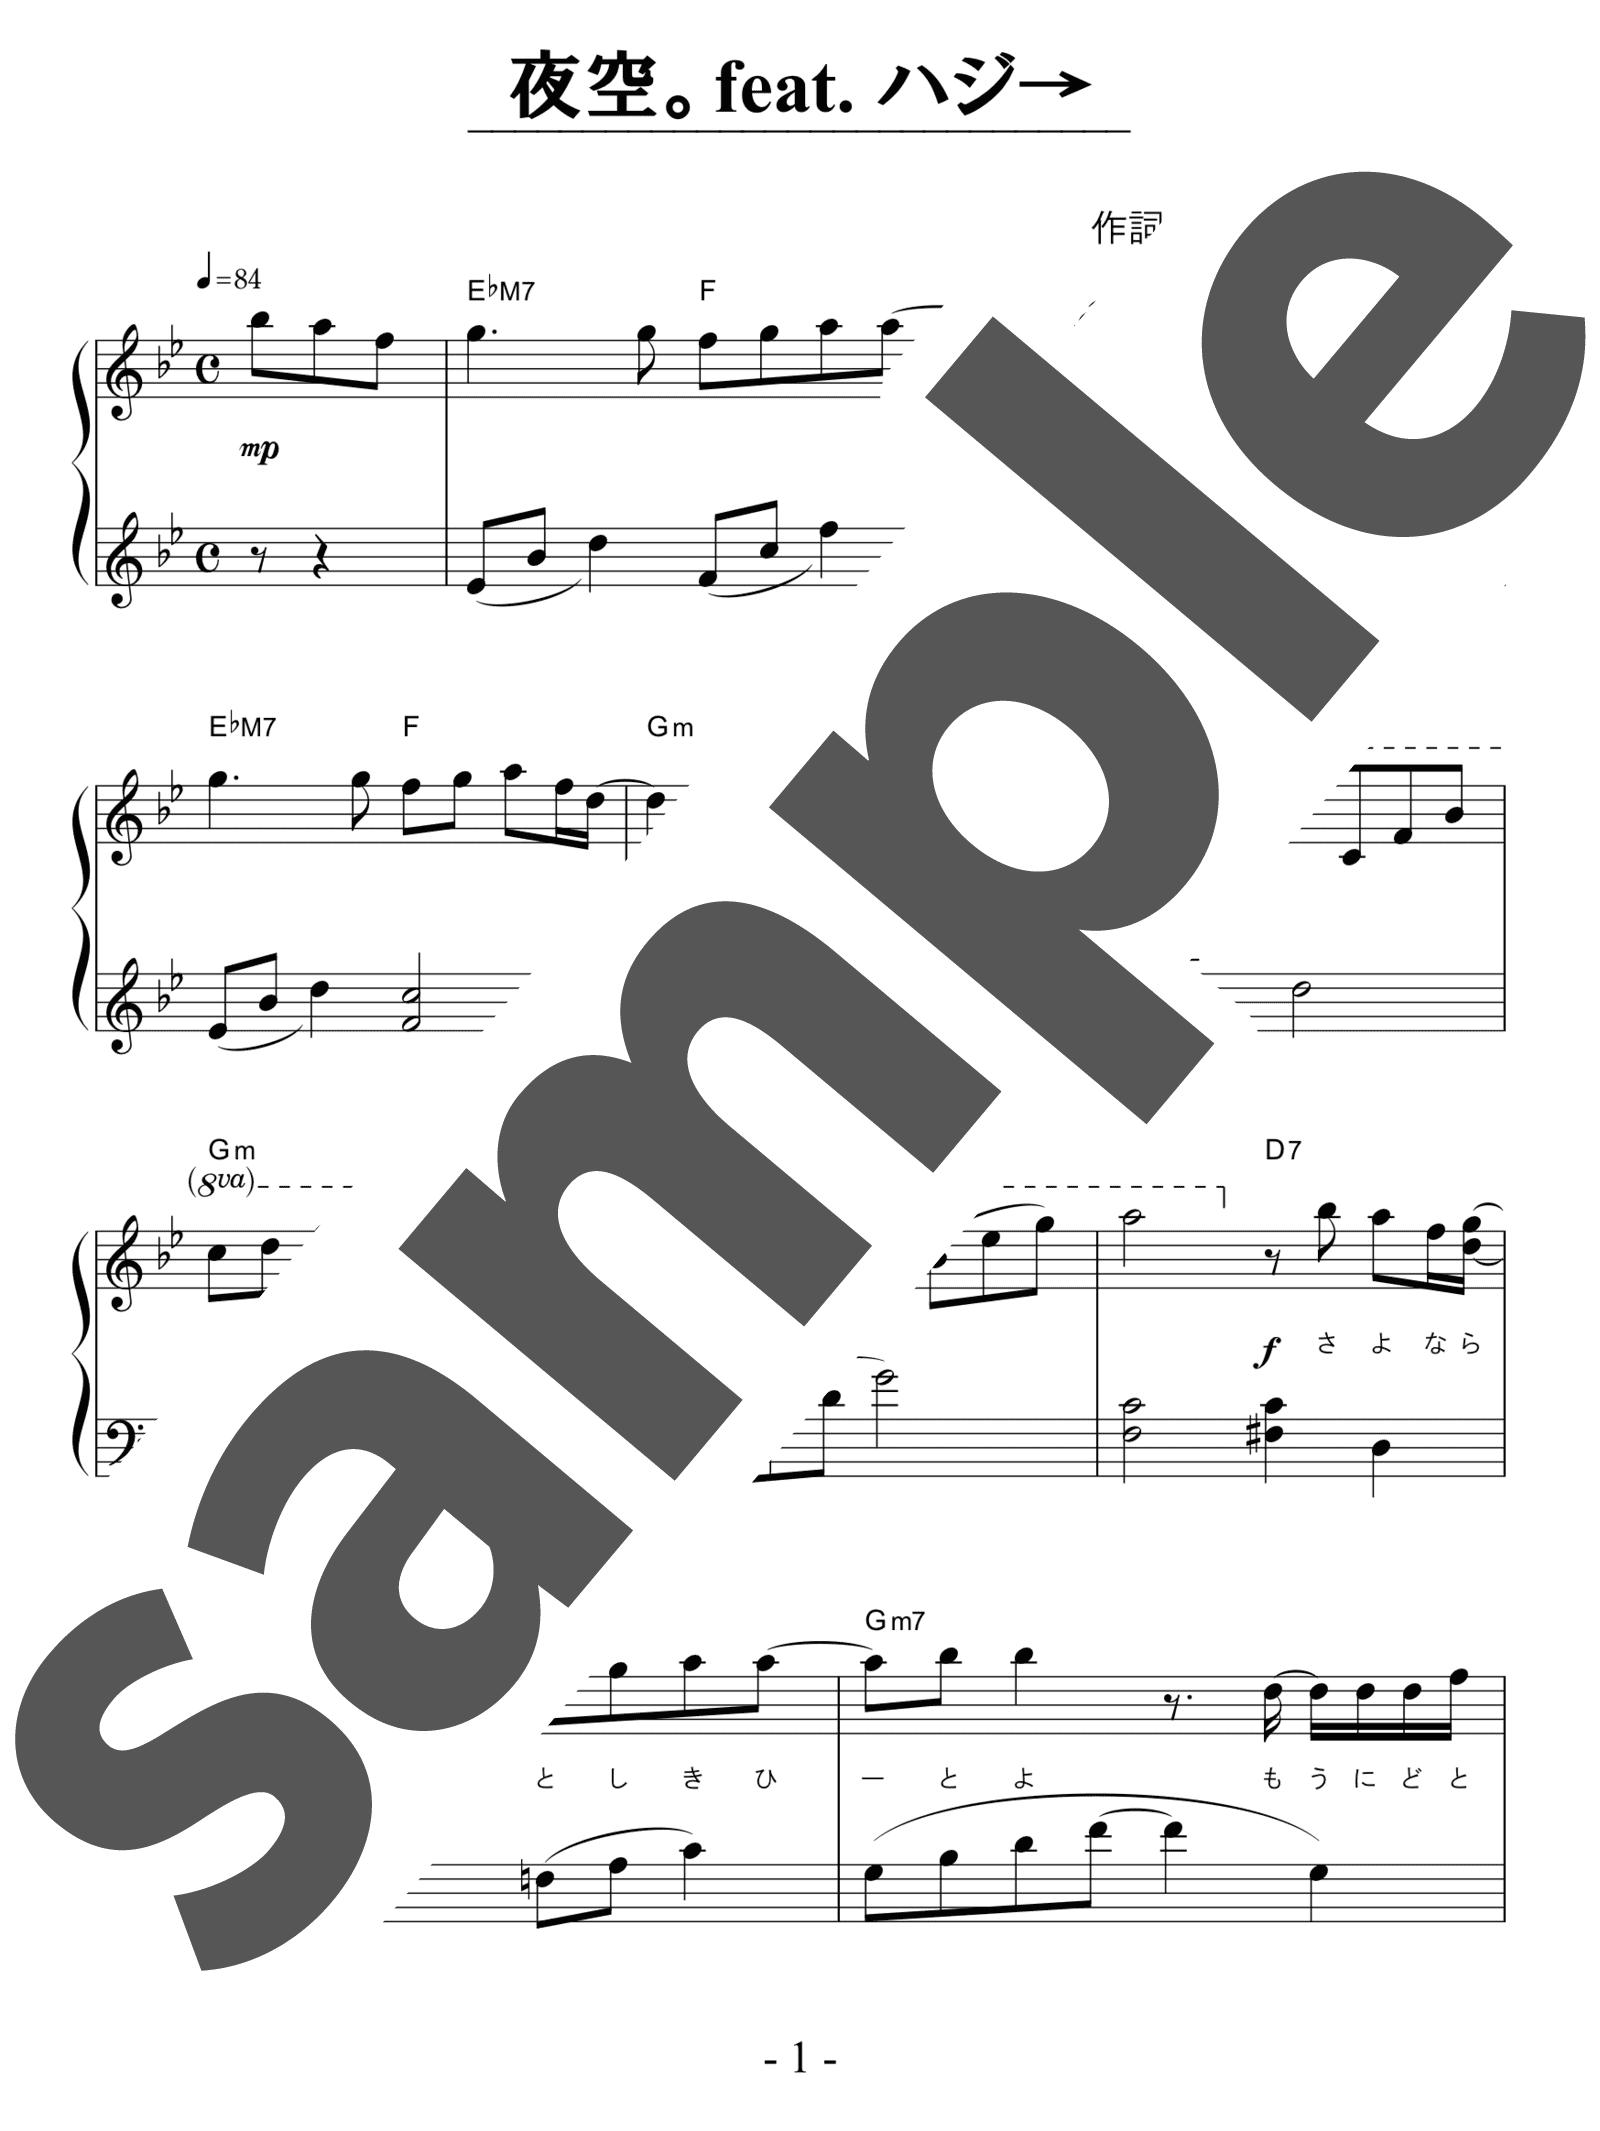 「夜空。feat.ハジ→」のサンプル楽譜